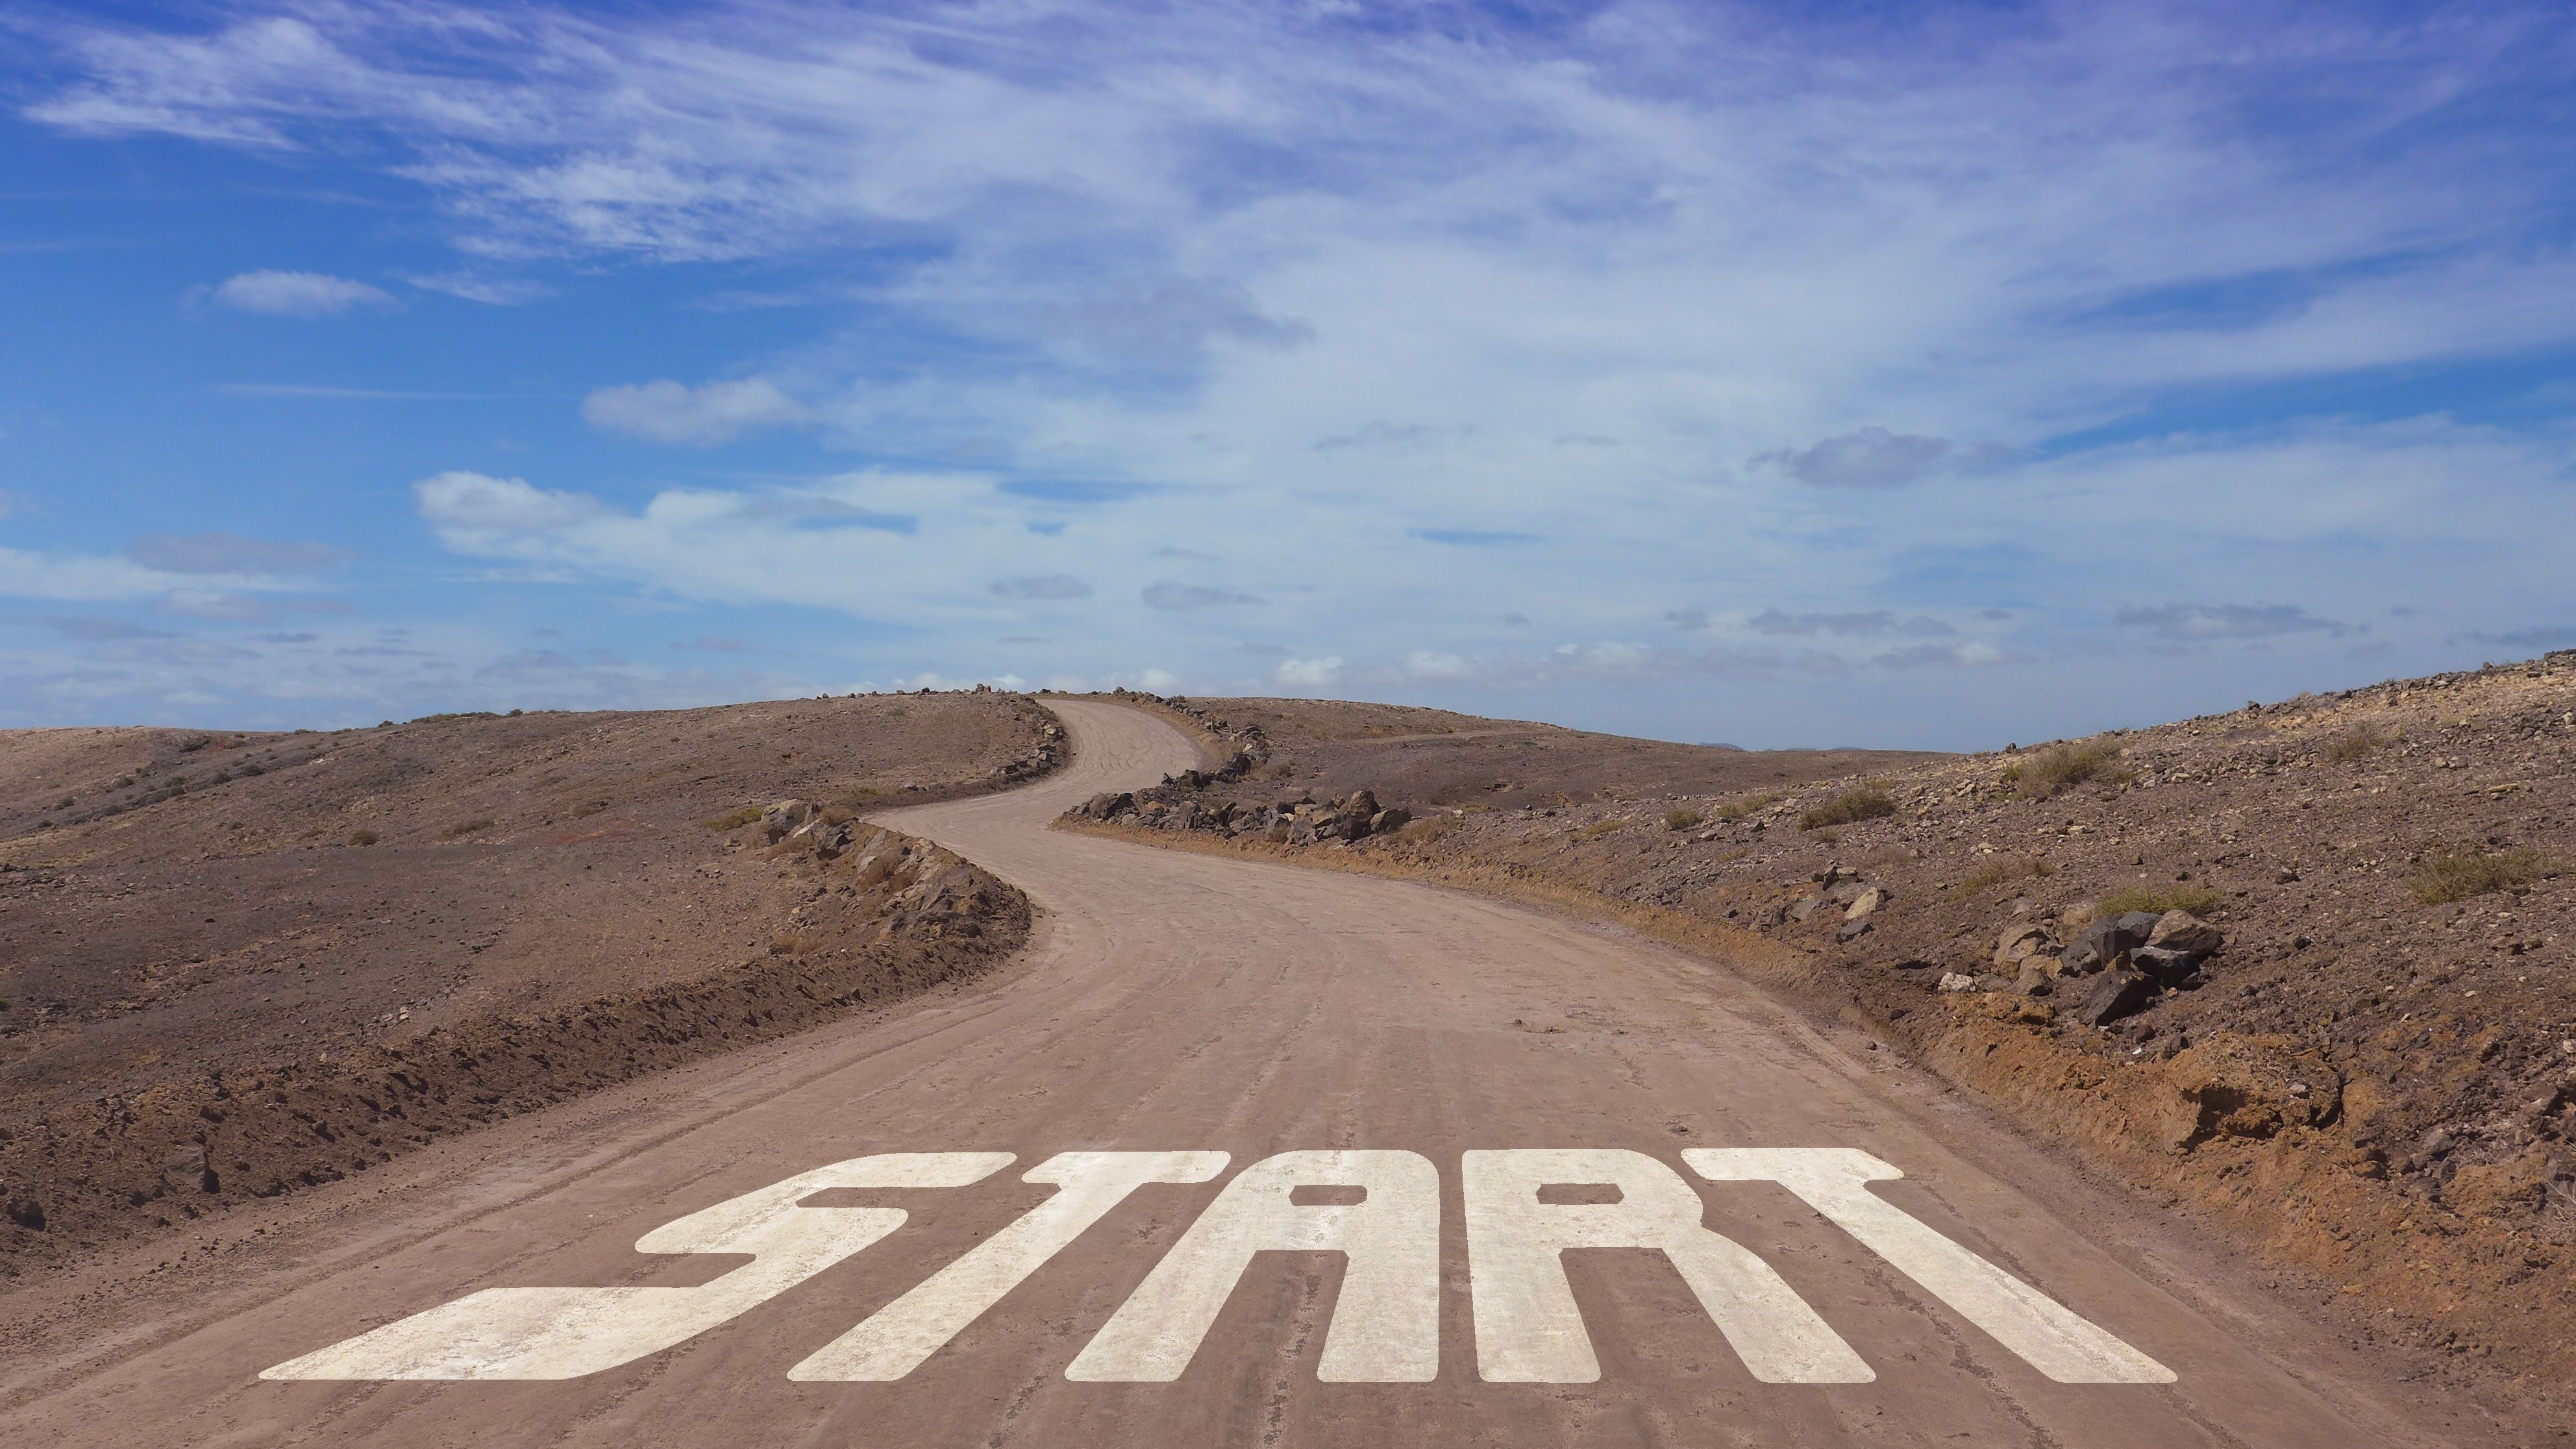 Empresa De Veículos Elétricos Revela Como Mantém A Inovação No Negócio